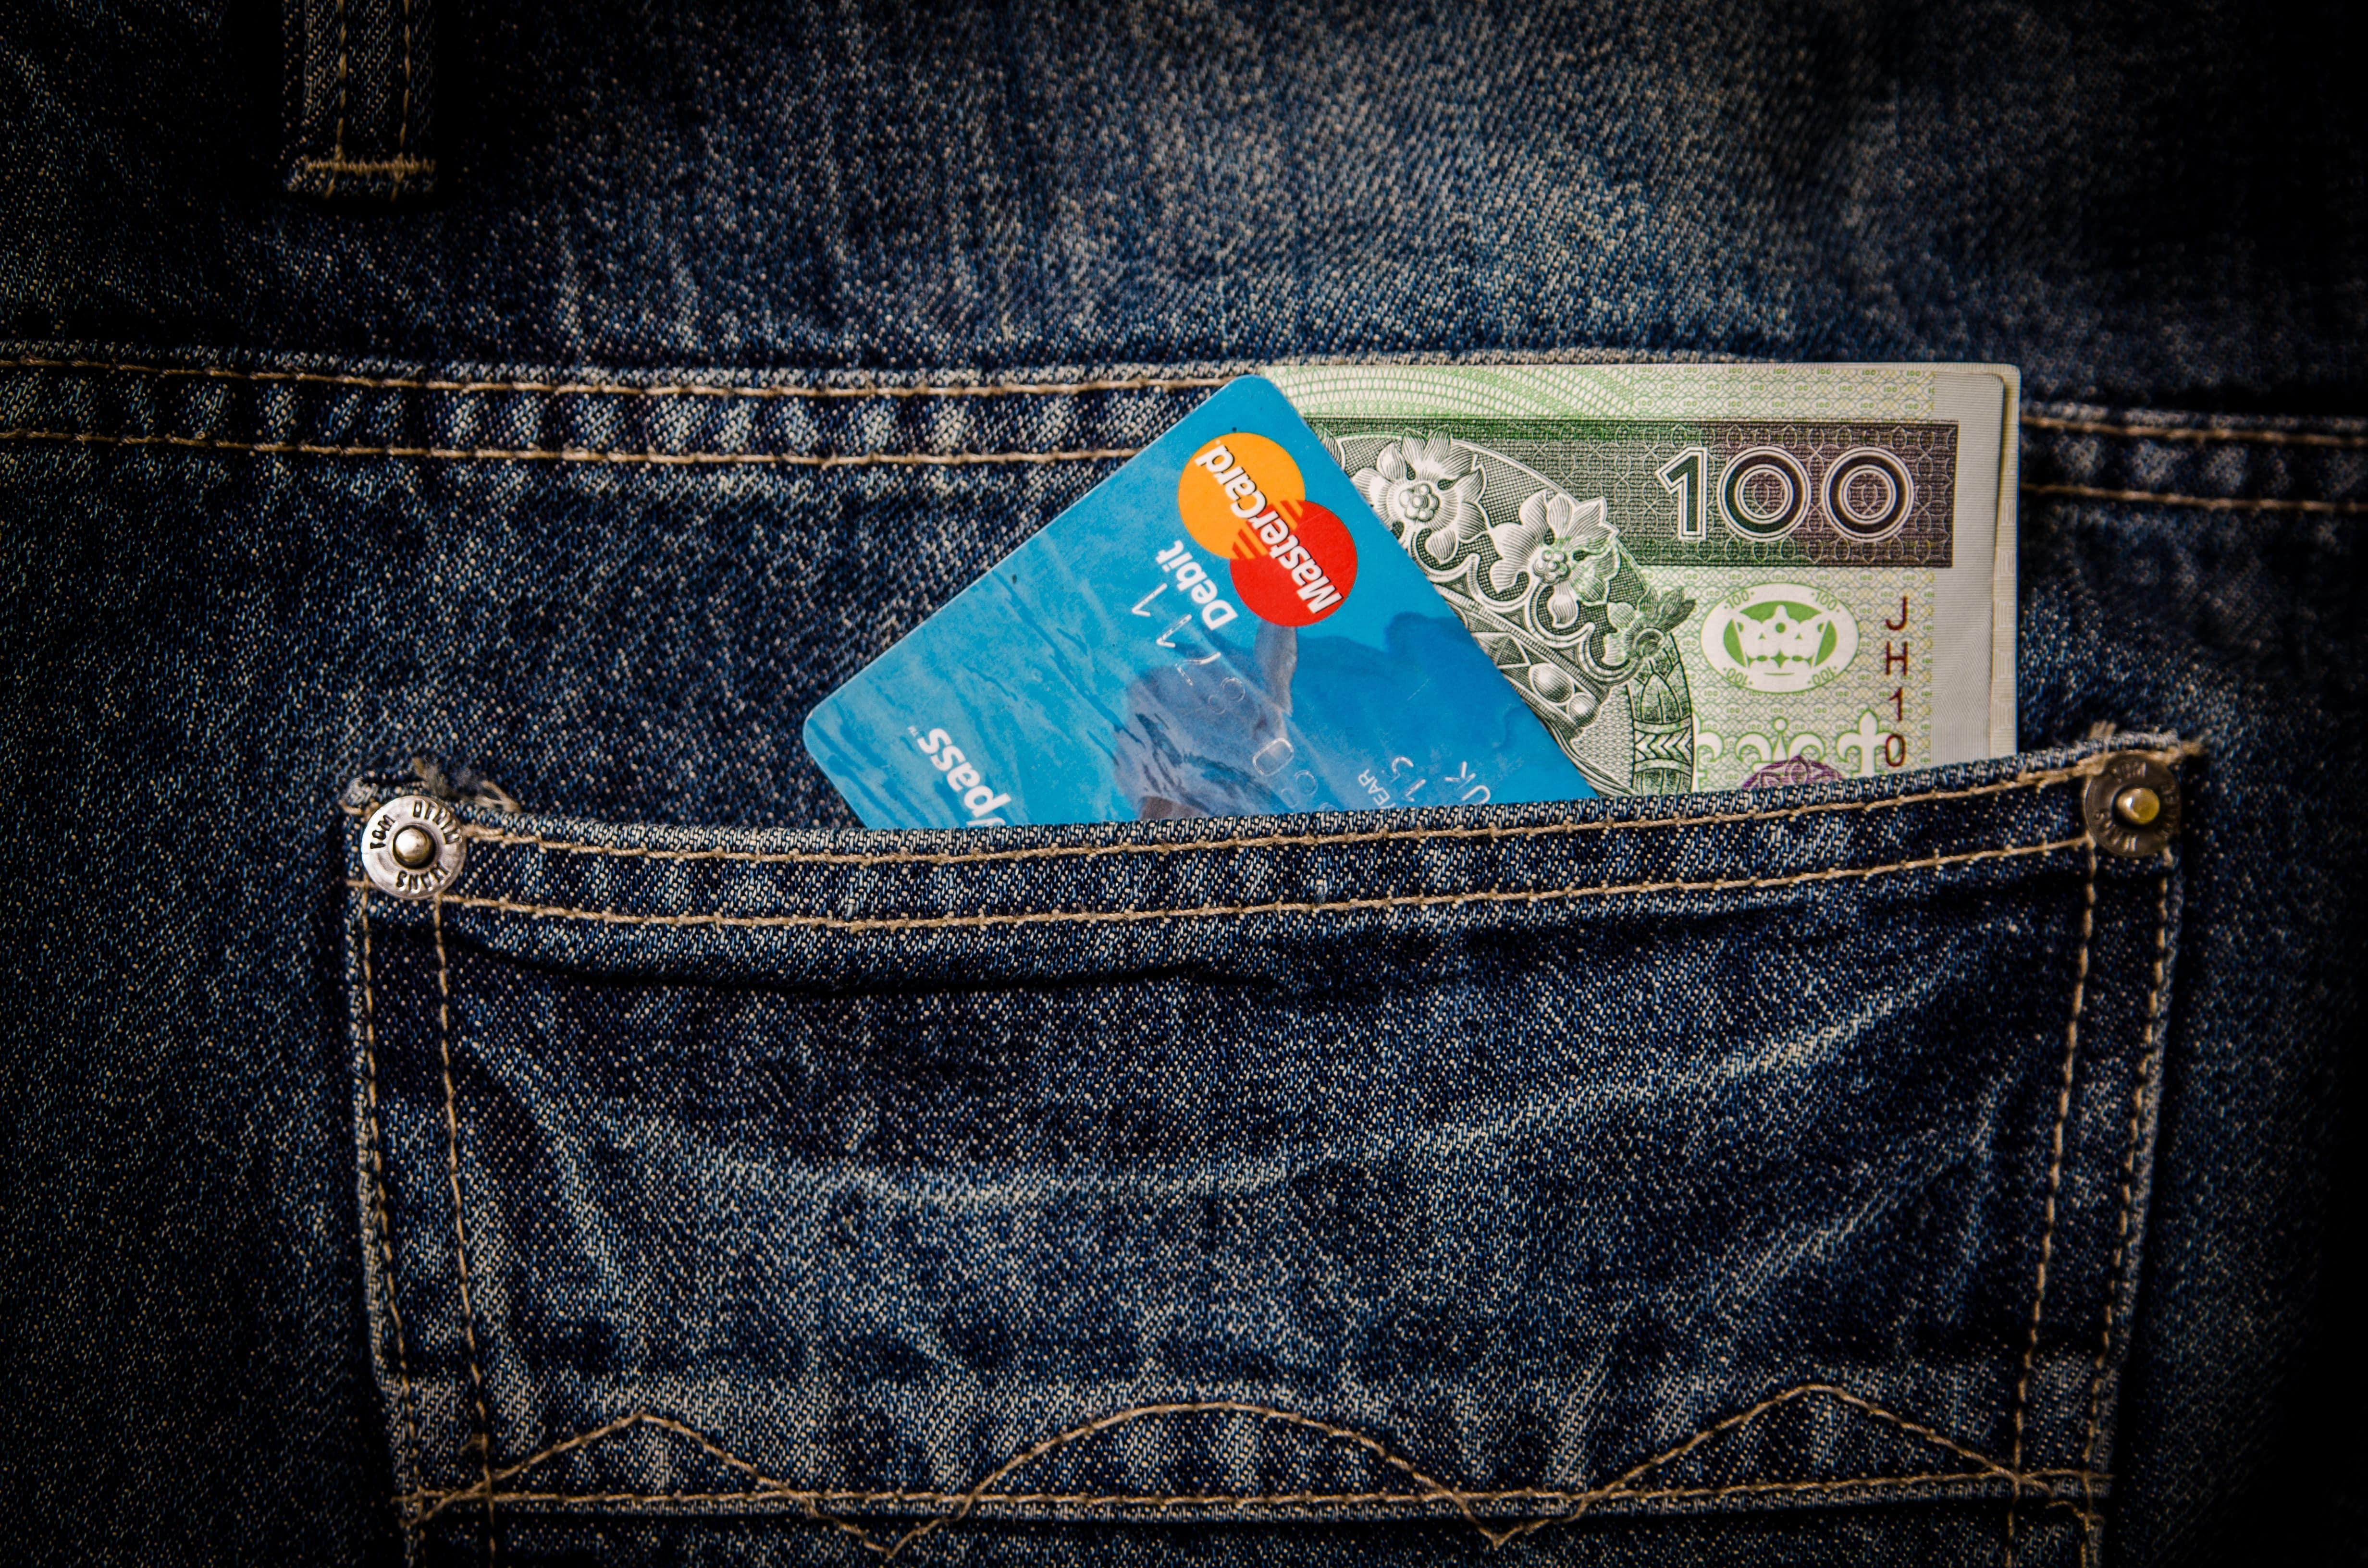 Credit card in back pocket